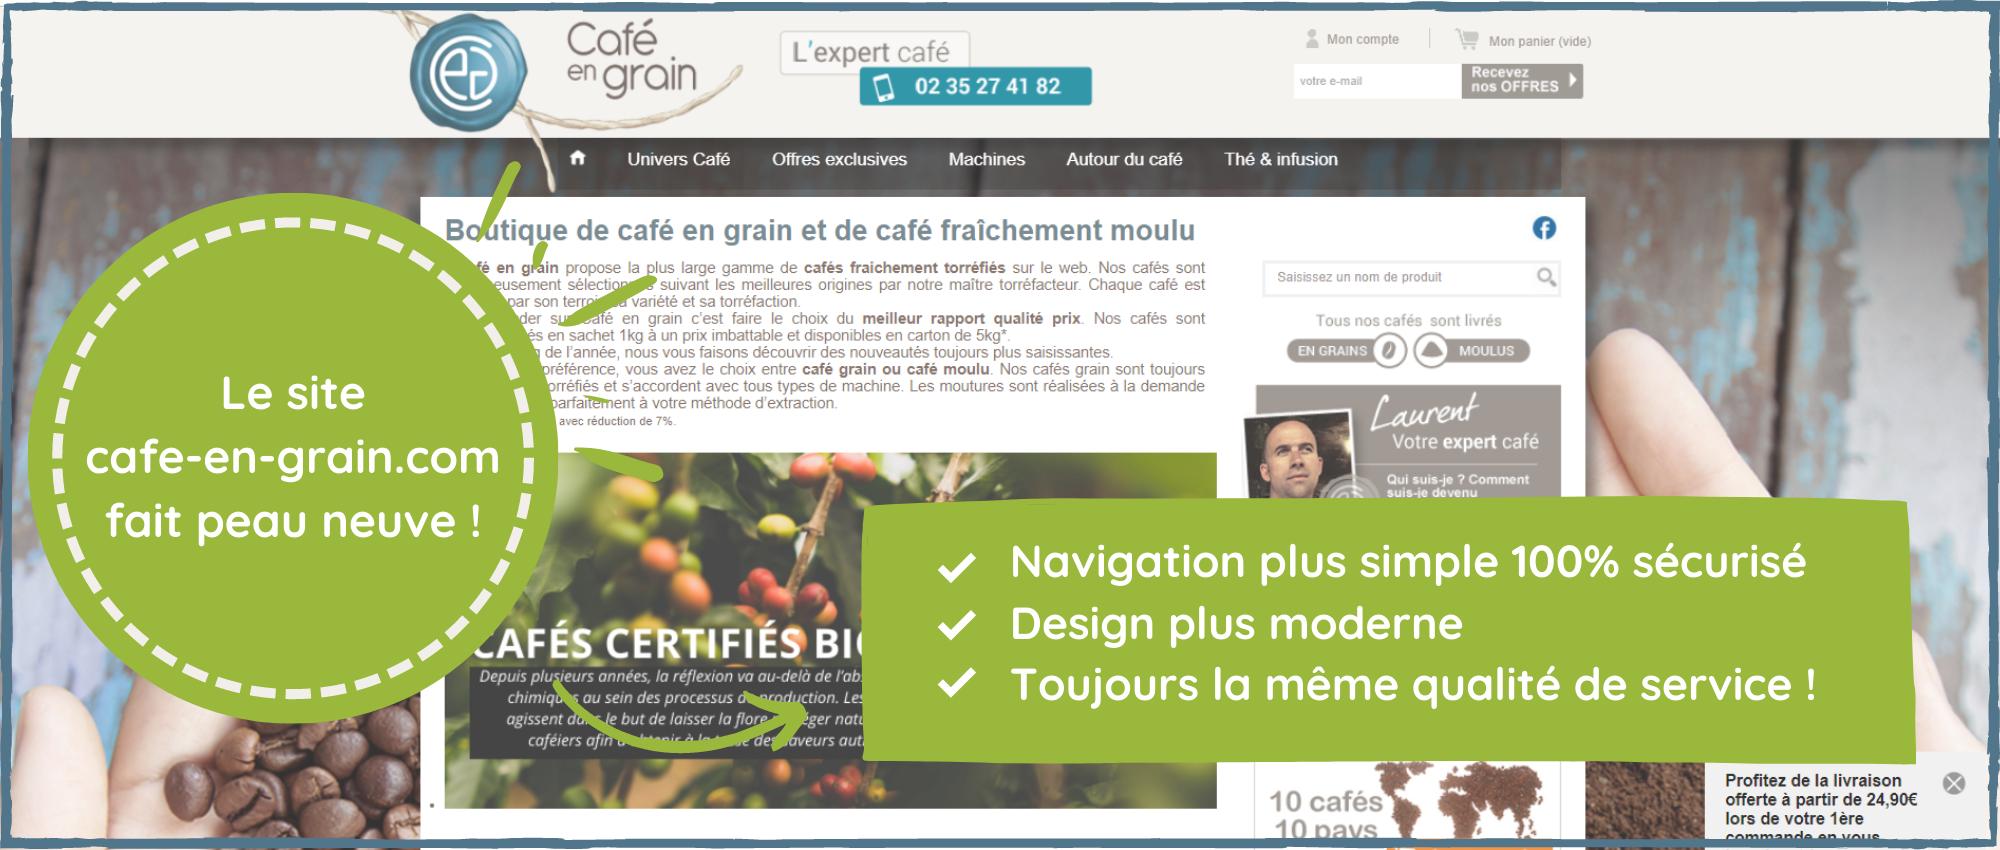 Le site cafe-en-grain.com fait peau neuve!